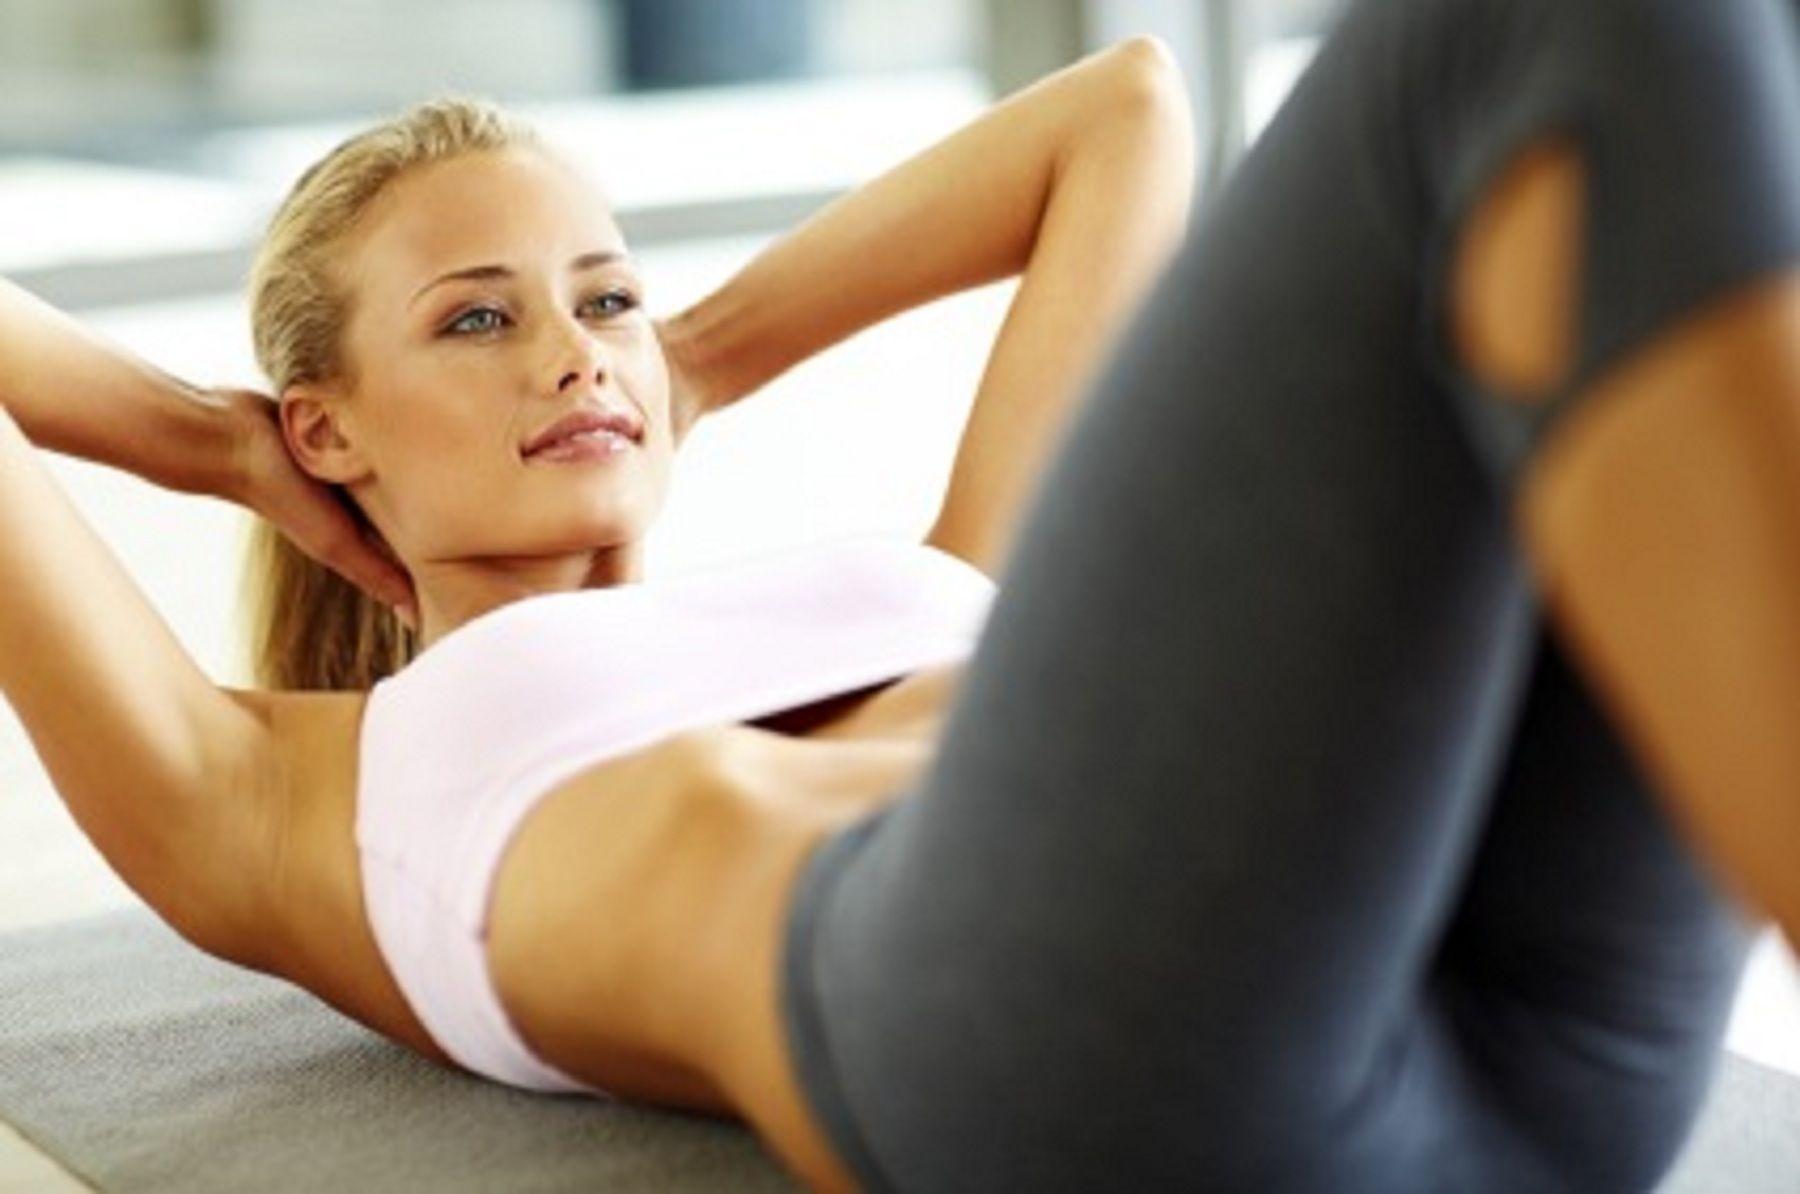 Ce se întâmplă dacă faci mișcare în timpul menstruației